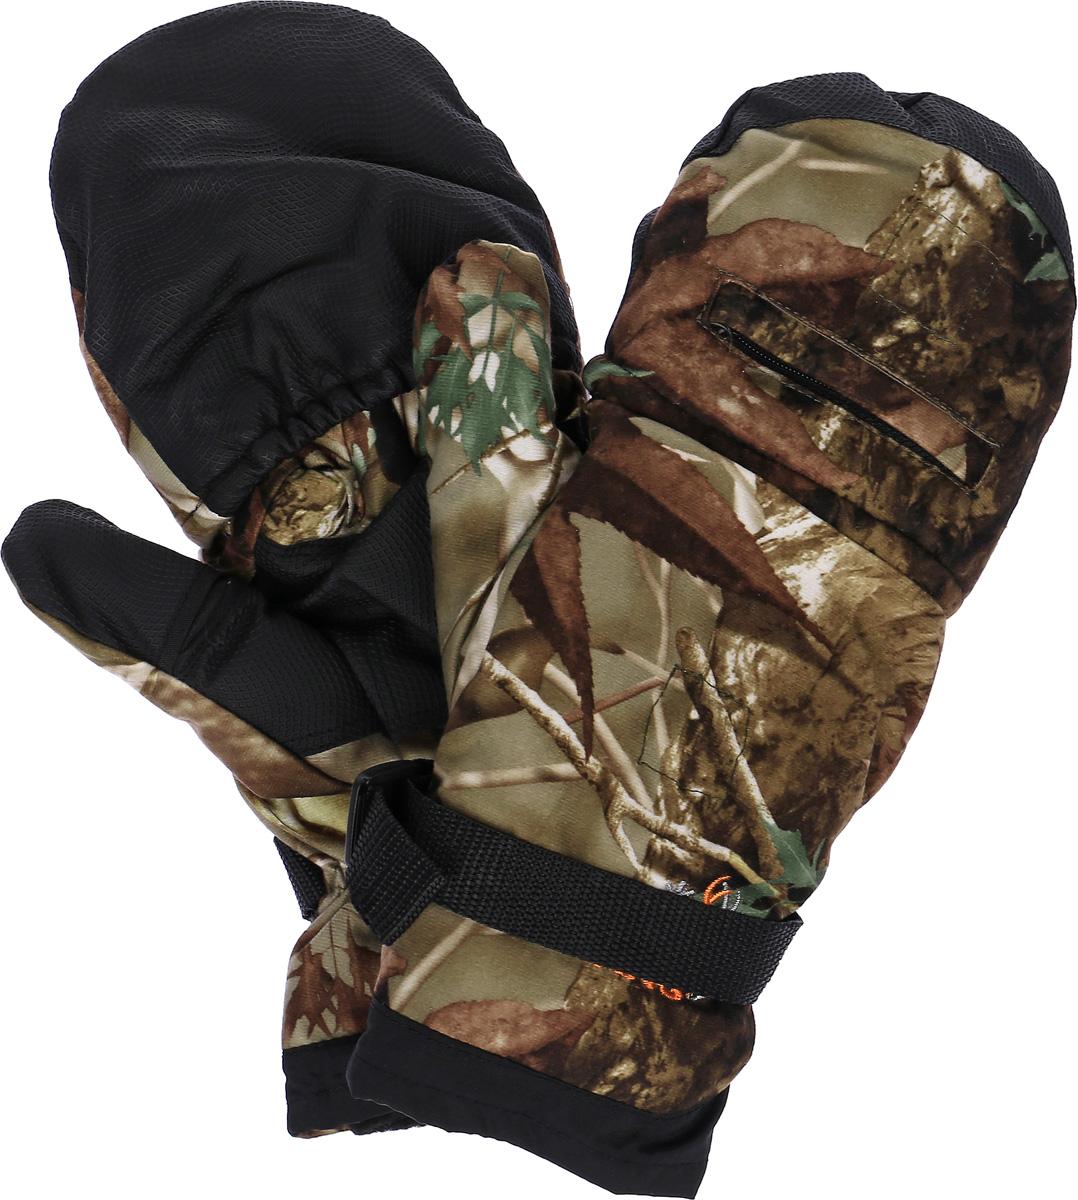 Перчатки-варежки мужские Norfin, цвет: лес. 761. Размер XL (10)761-PПерчатки-варежки Norfin защитят ваши руки. Они хорошо сохраняют тепло, мягкие, идеально сидят на руке. Перчатки-варежки в области ладони и с внутренней стороны большого пальца выполнены из водоотталкивающего материала, внутри выполнены из флиса. Изделие представляет собой перчатки без пальцев, к внешней стороне которых крепится капюшон, накинув его на пальцы, перчатки превращаются в варежки.На запястье имеется эластичная вставка.